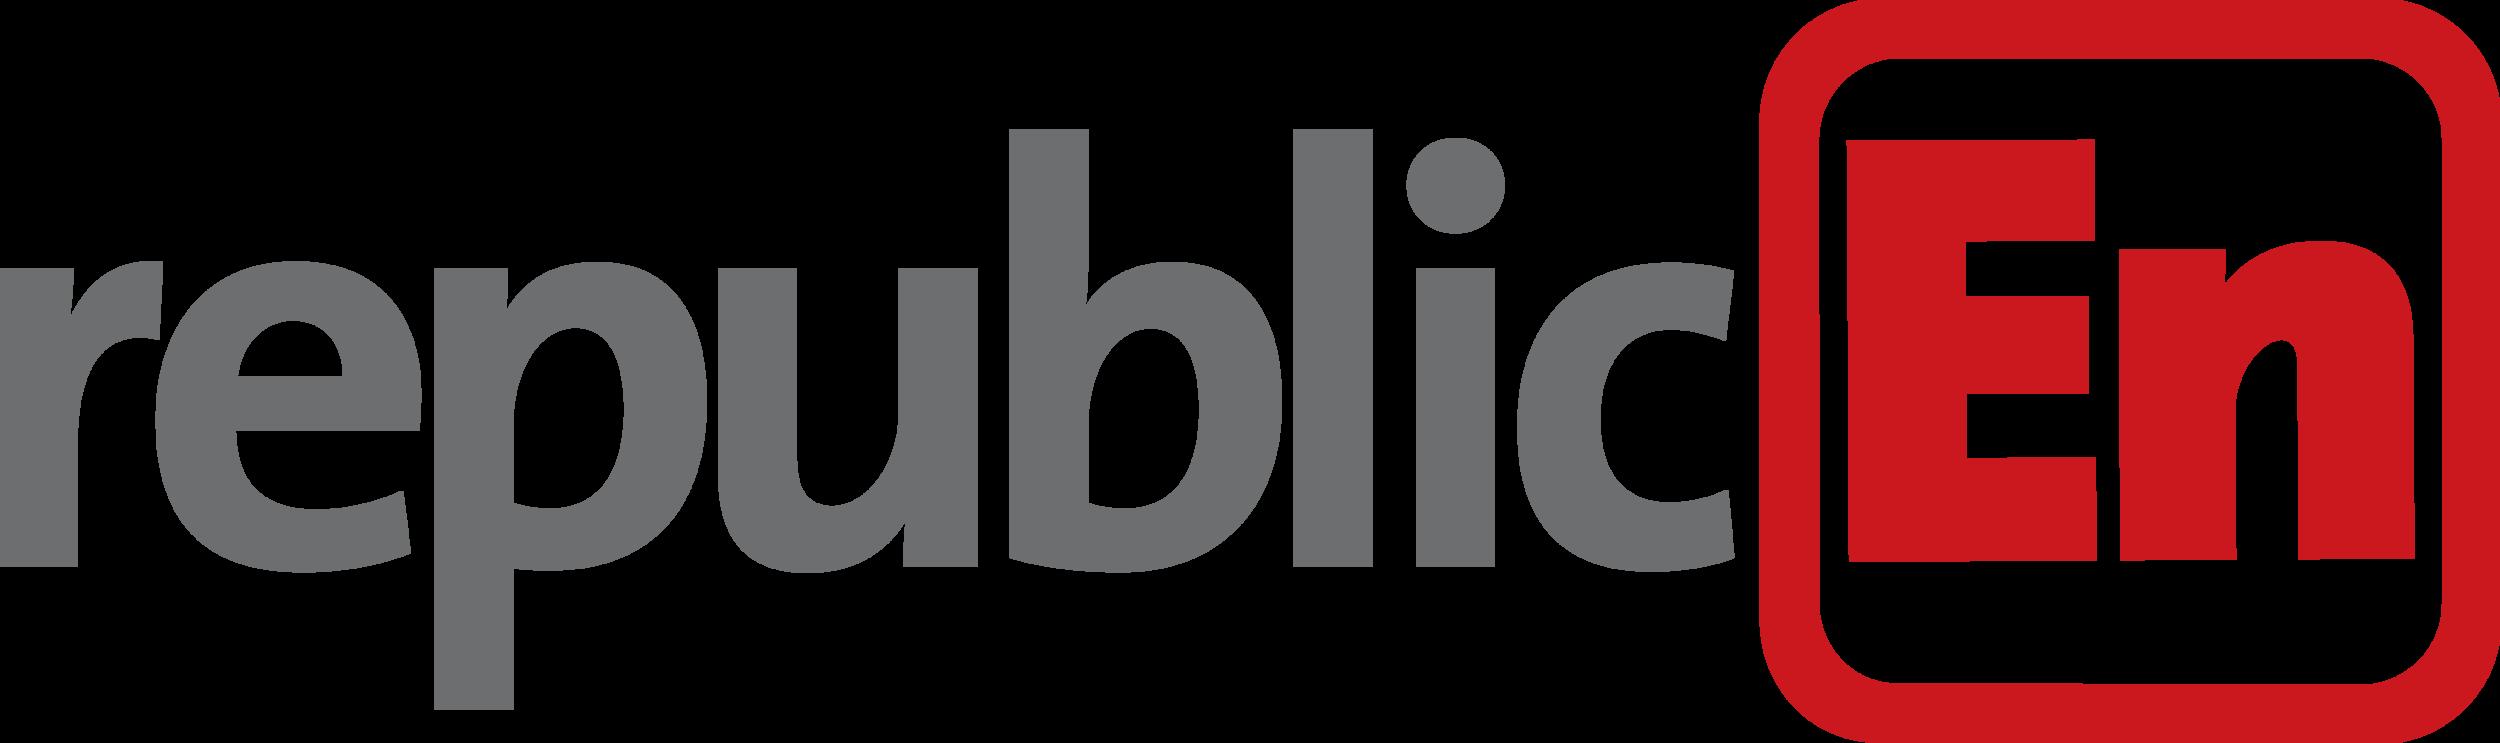 RepublicEn Logo (High Res, Transparent Background).png